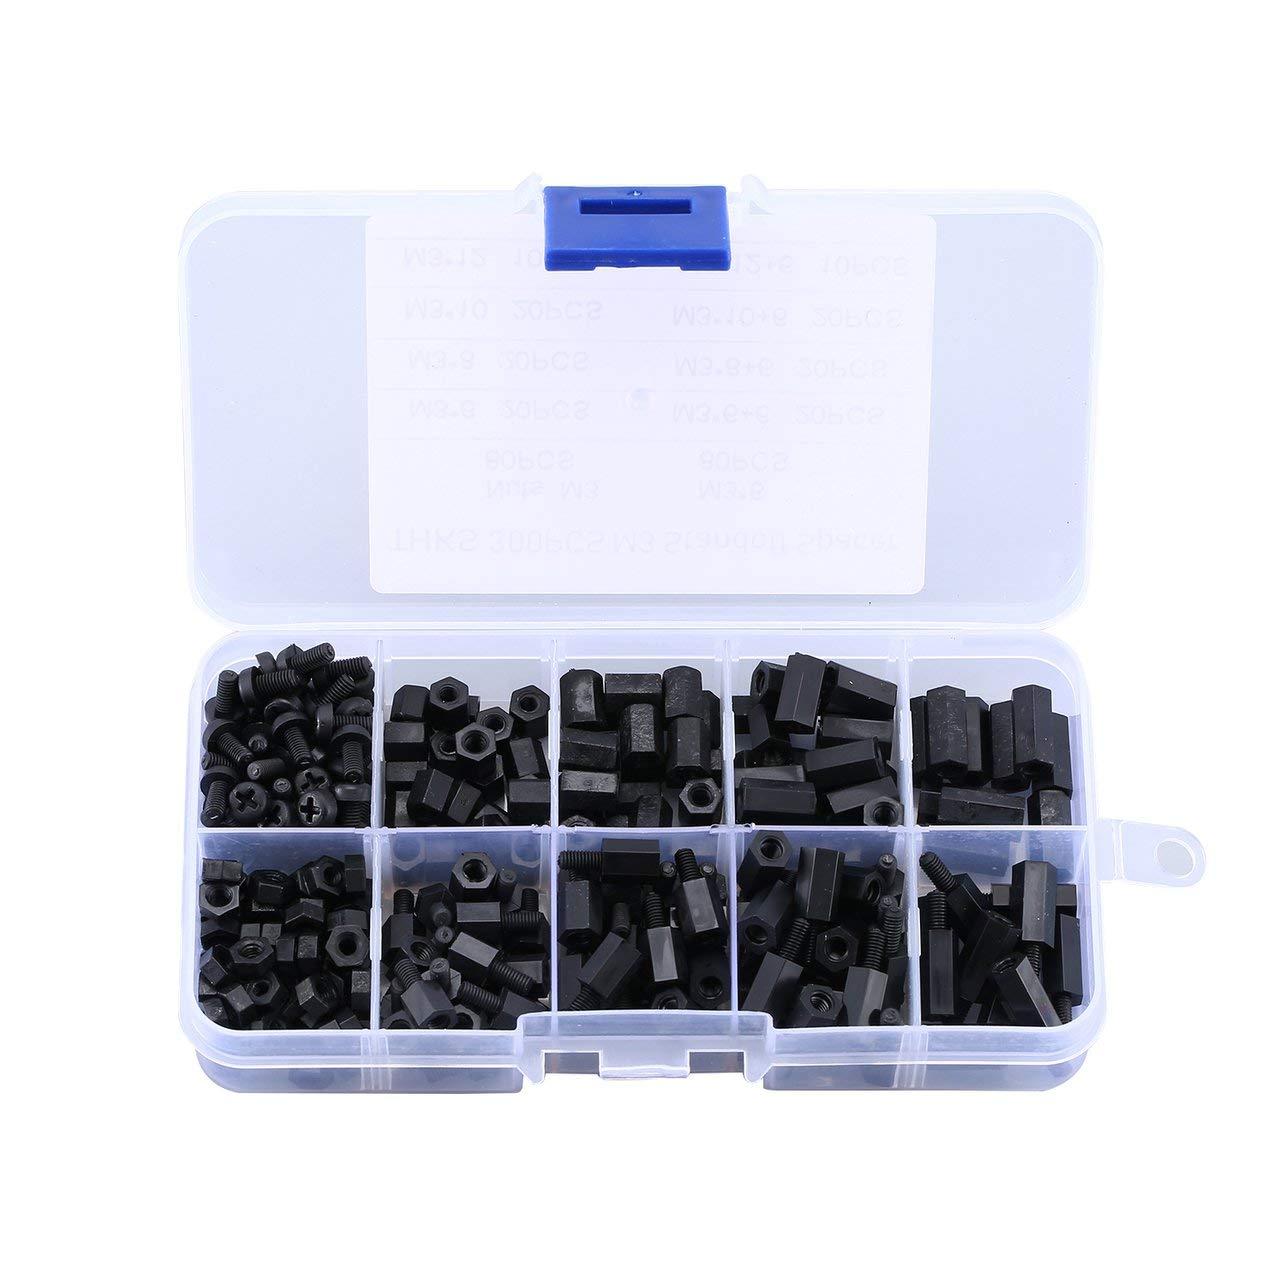 300 PCS Noir M3 Nylon Entretoise Espaceurs M/âle Femelle Vis Hex Vis /Écrous Kits De R/éparation pour Electronics Carte M/ère Fixe